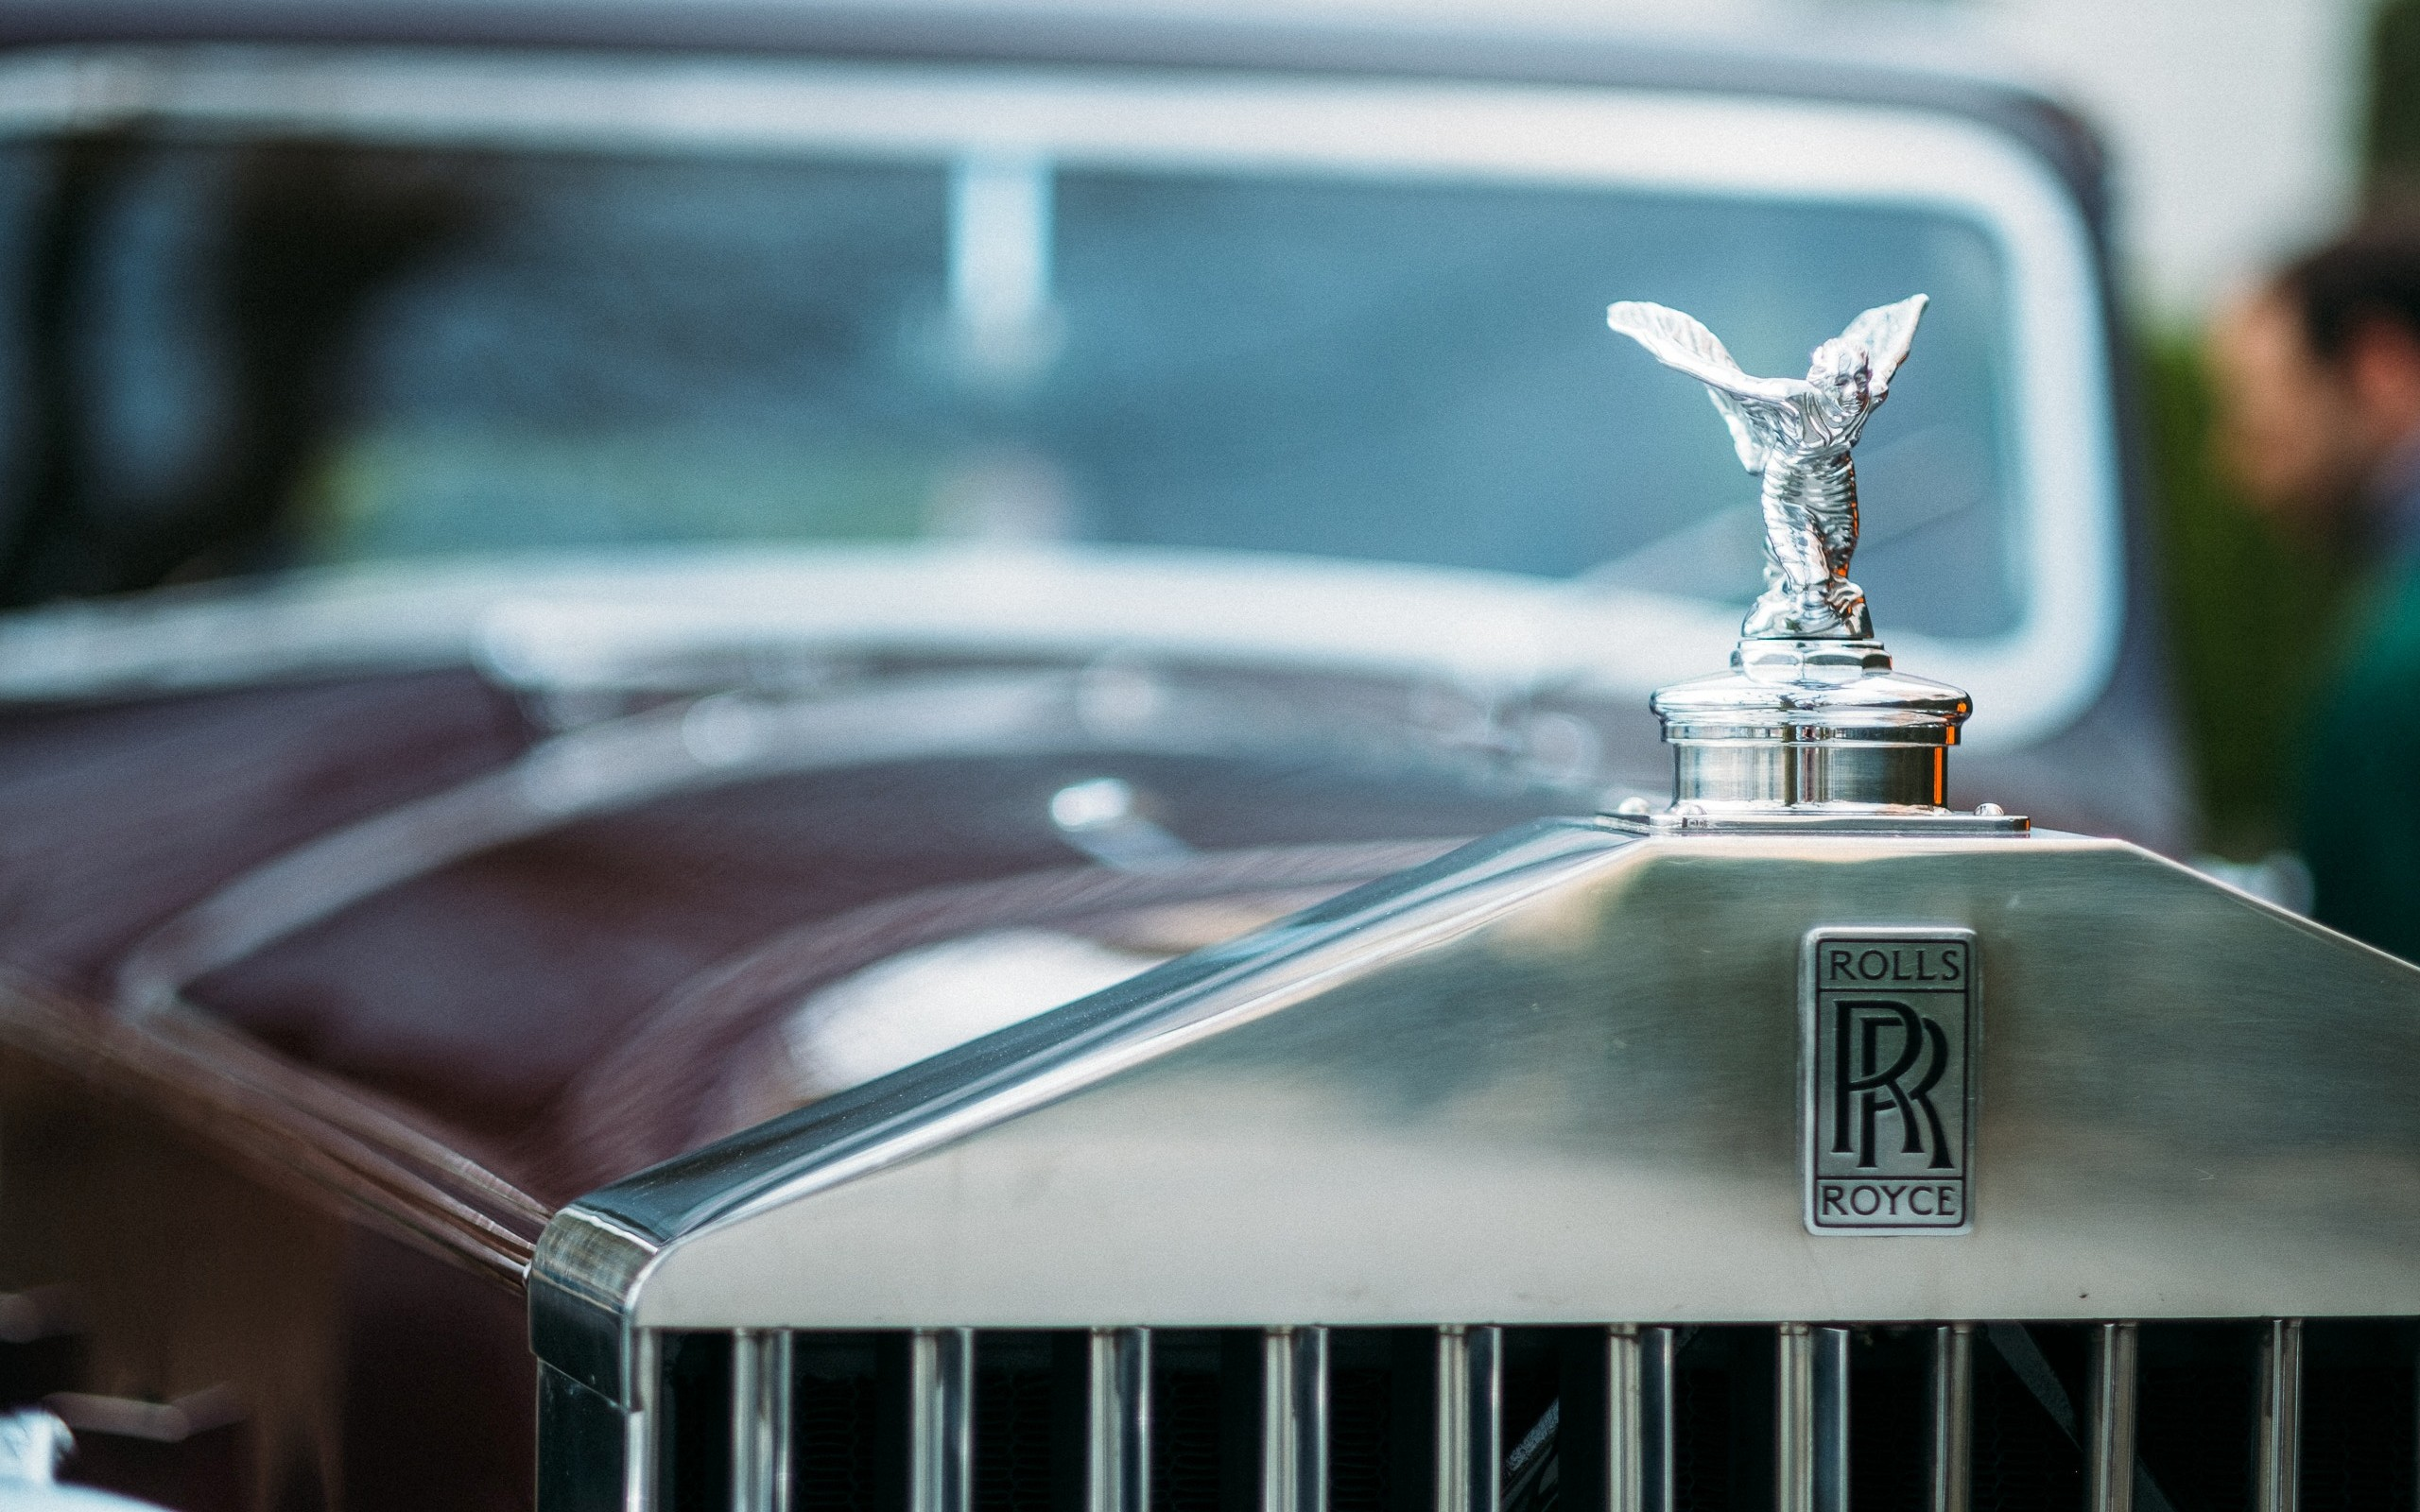 La red social de Rolls-Royce, exclusiva de quienes aman el lujo